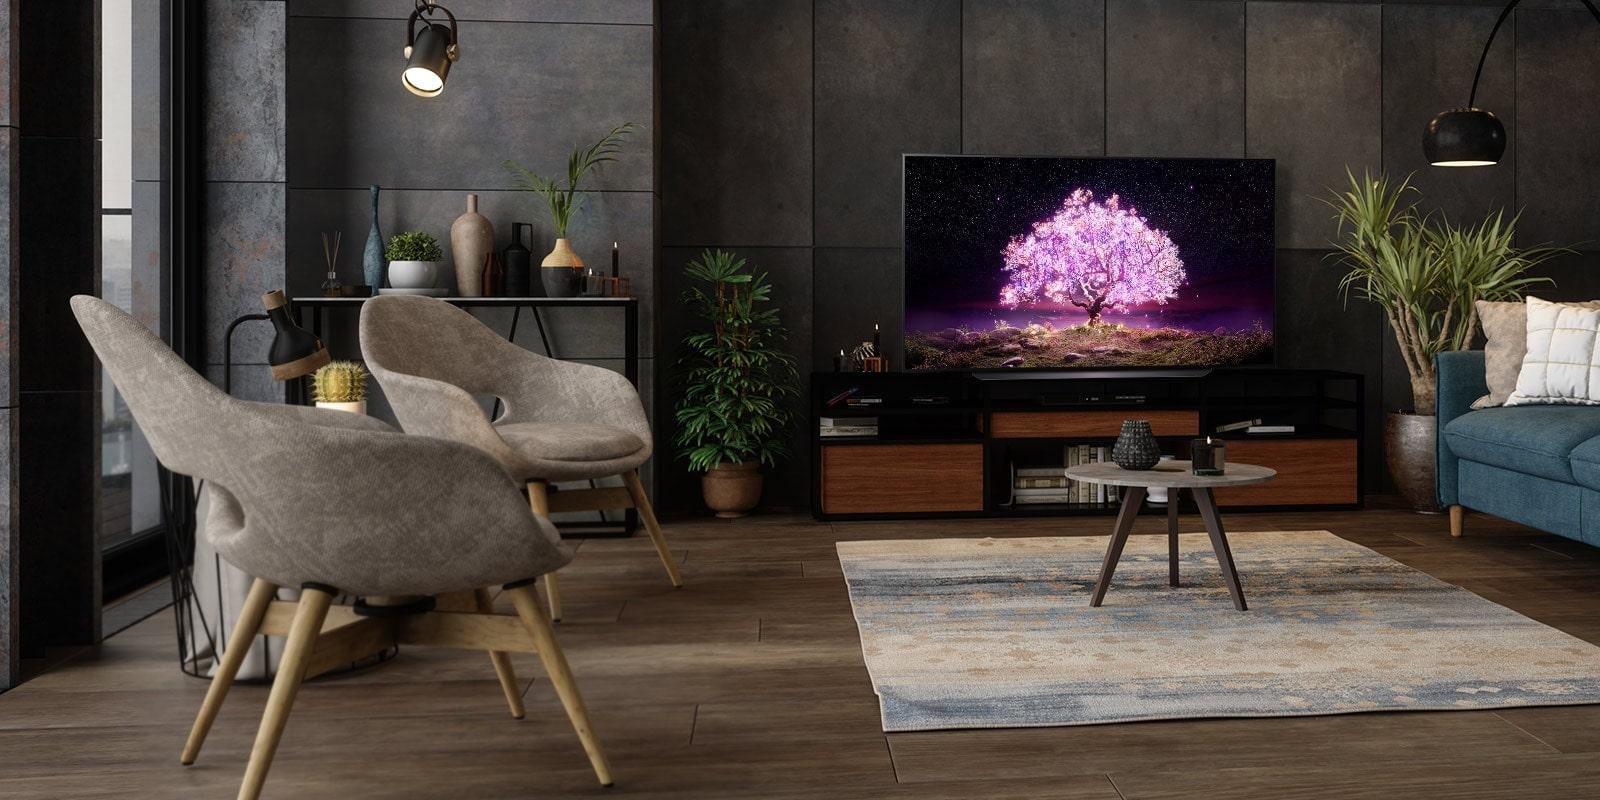 La TV mostra un albero che emette luce viola in un ambiente domestico di qualità di lusso